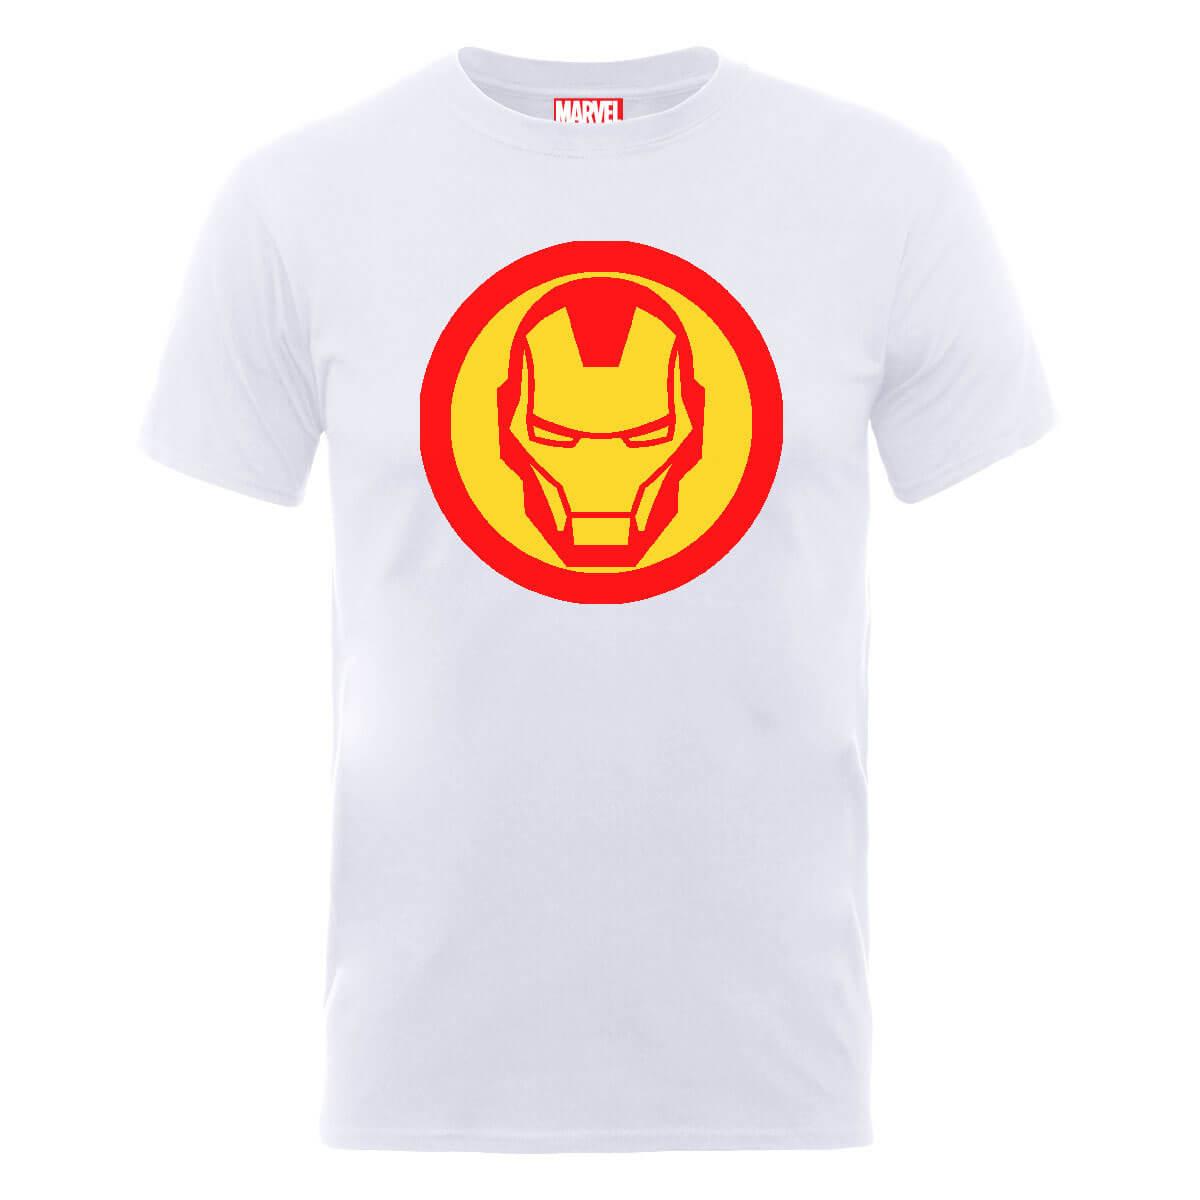 Camiseta Marvel Los Vengadores Símbolo Iron Man - Hombre - Blanco ... 58eff509ce65c